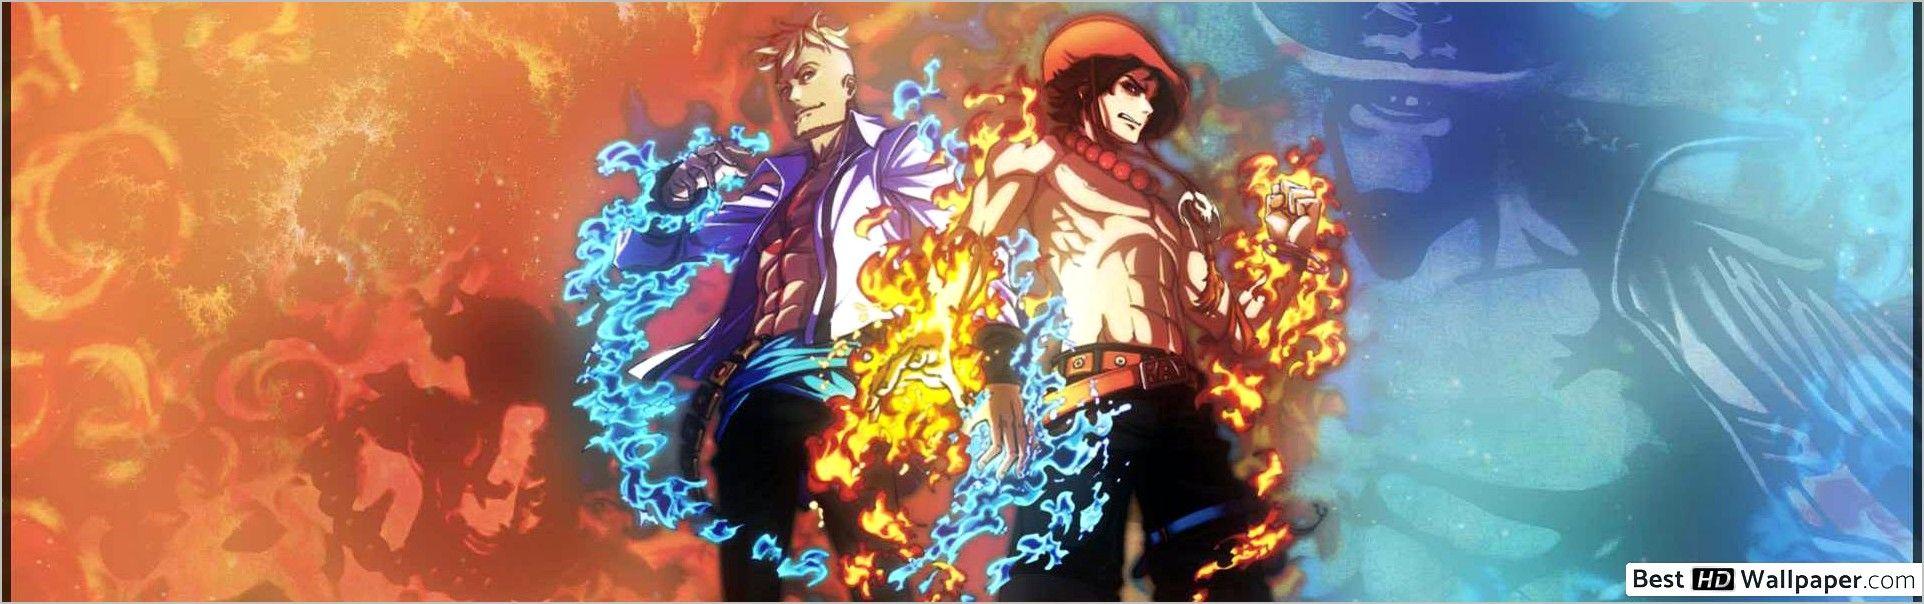 Dual Screen One Piece Dual Monitor Wallpaper